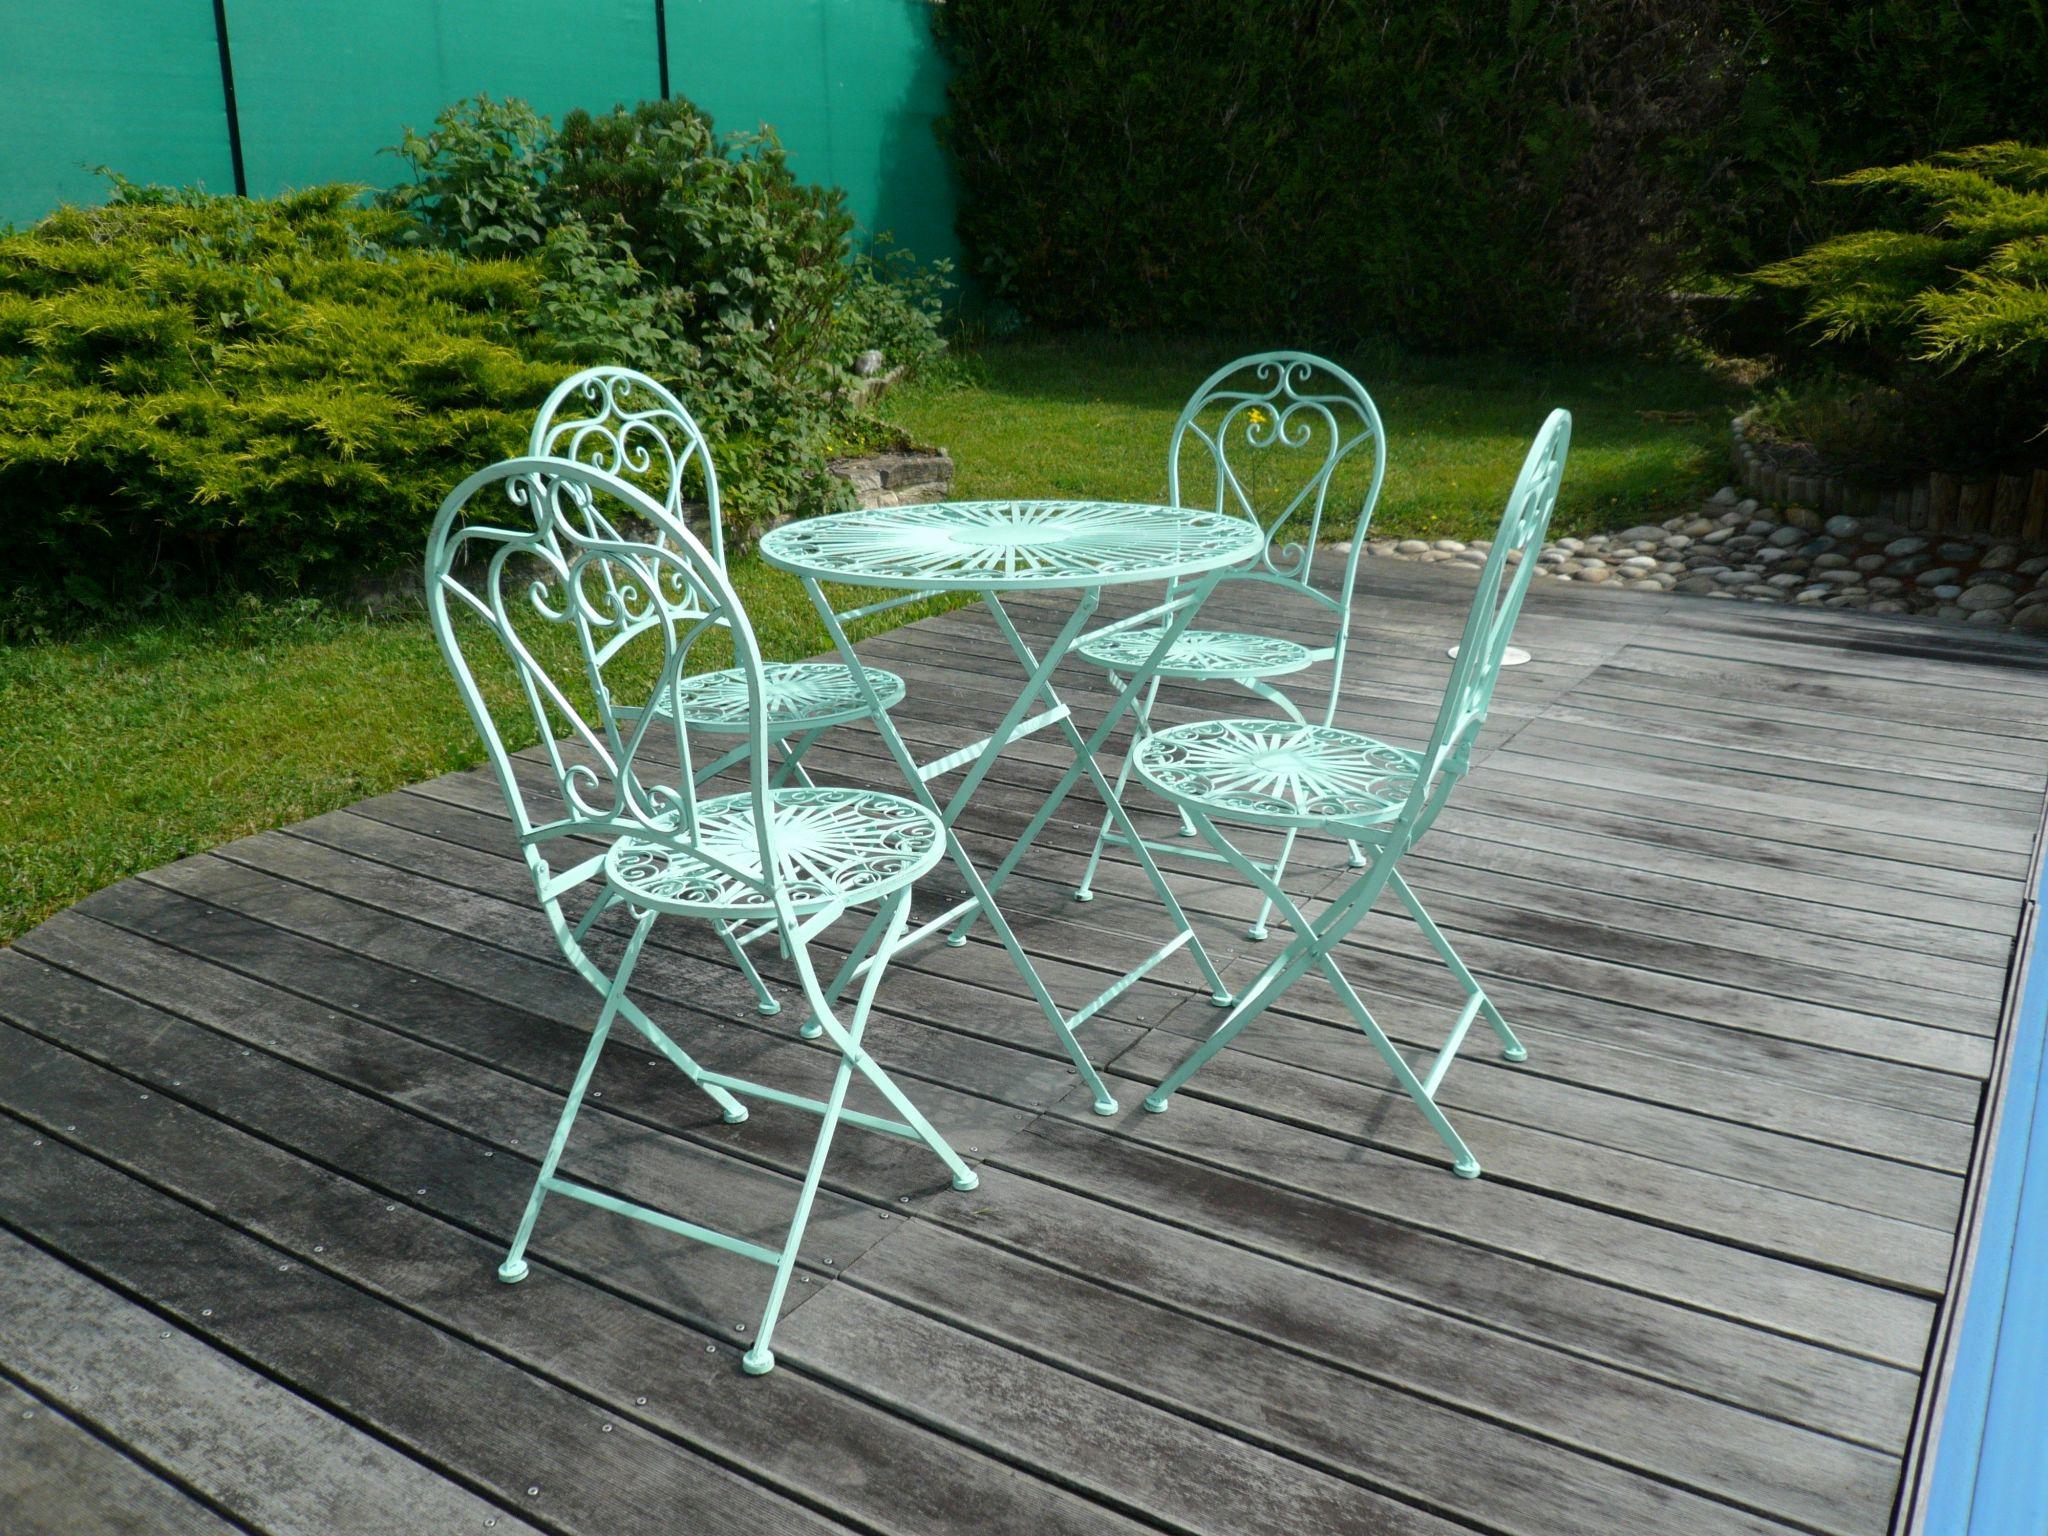 salon jardin fer forge blanc beau chaise jardin fer forge recursiveuniverse conception de jardin of salon jardin fer forge blanc